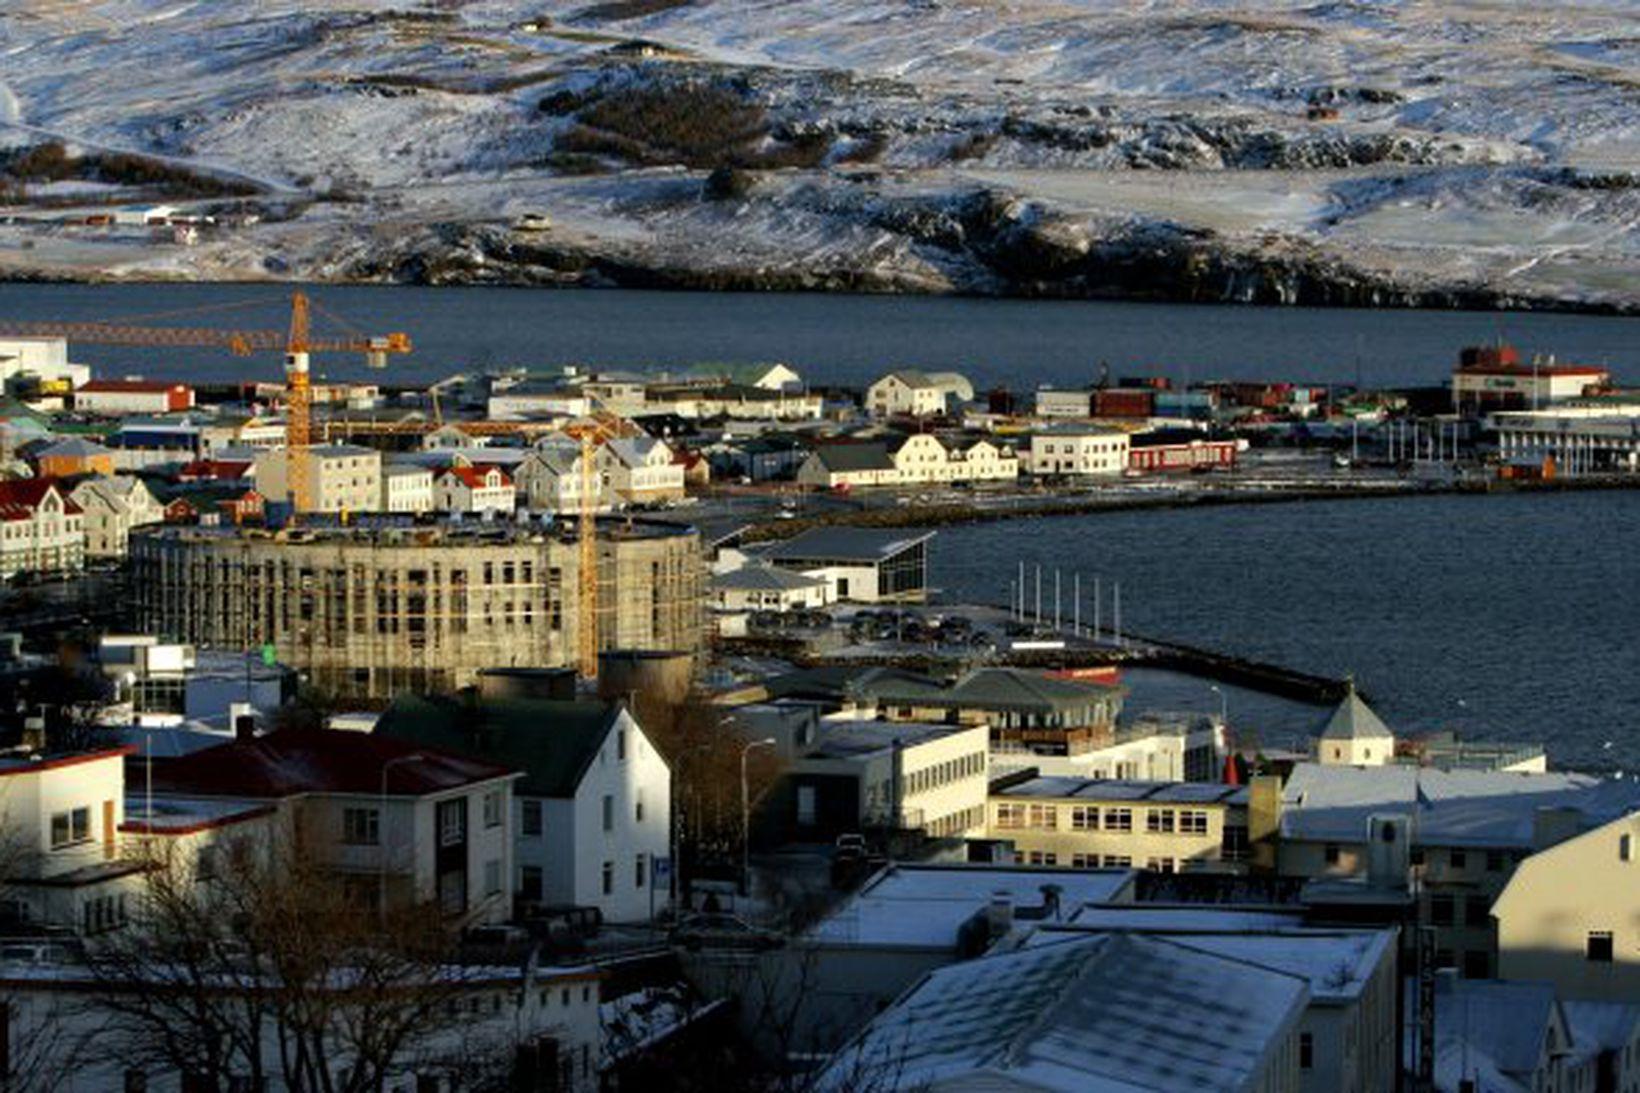 Opnun menningarhússins Hofs verður frestað til ársins 2010.